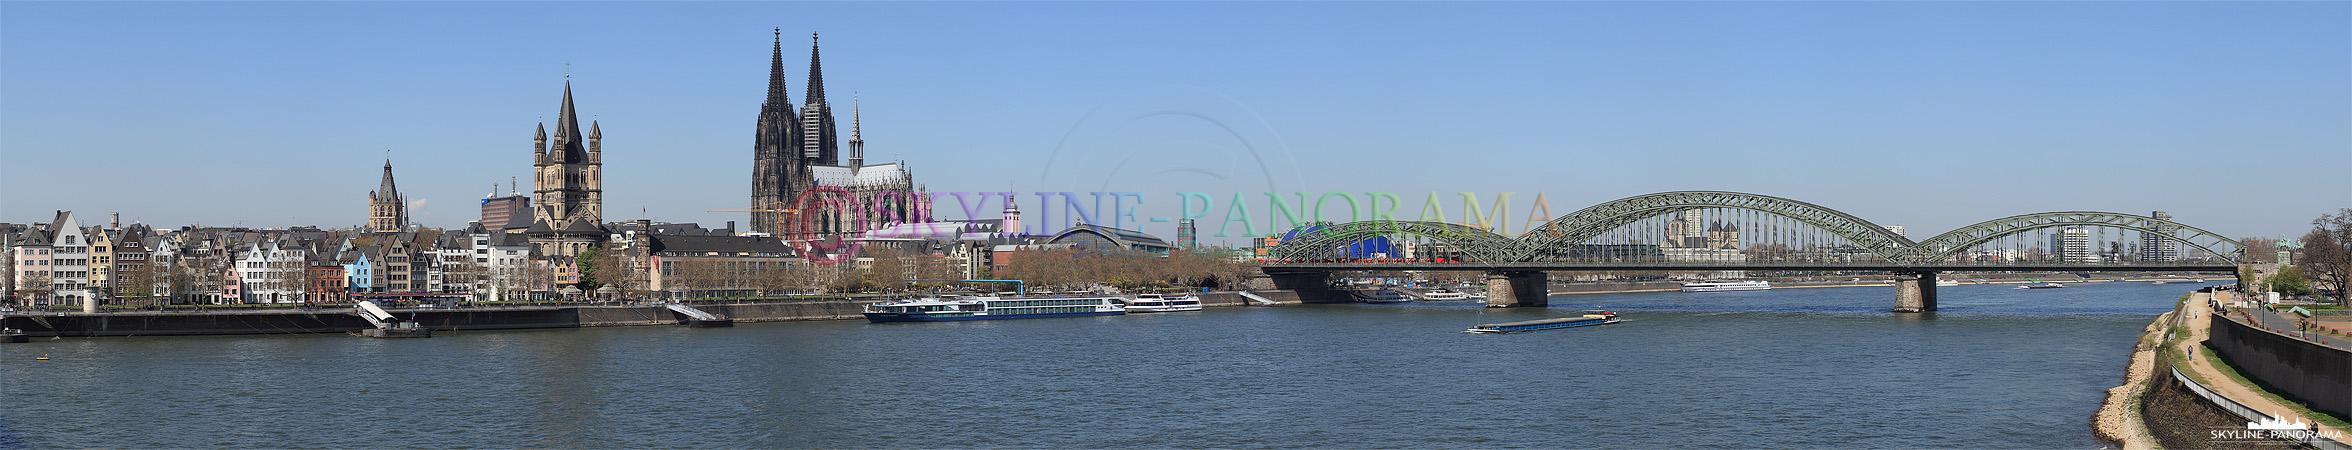 Skylineblick von der Deutzer Brücke auf den Kölner Dom und Hohenzollernbrücke